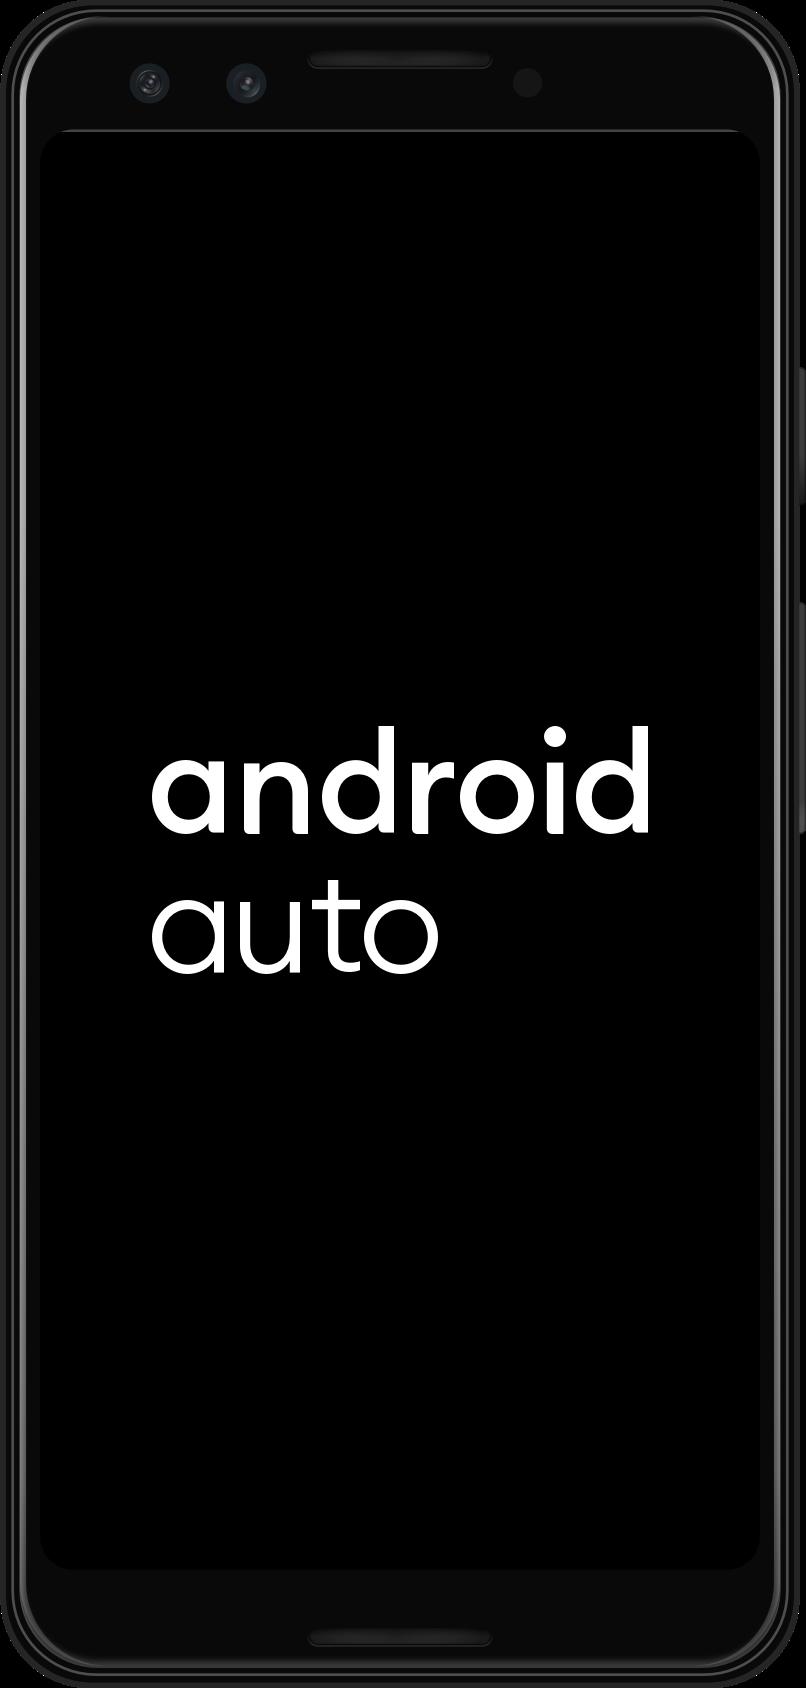 AndroidAuto se inicia en el dispositivo móvil